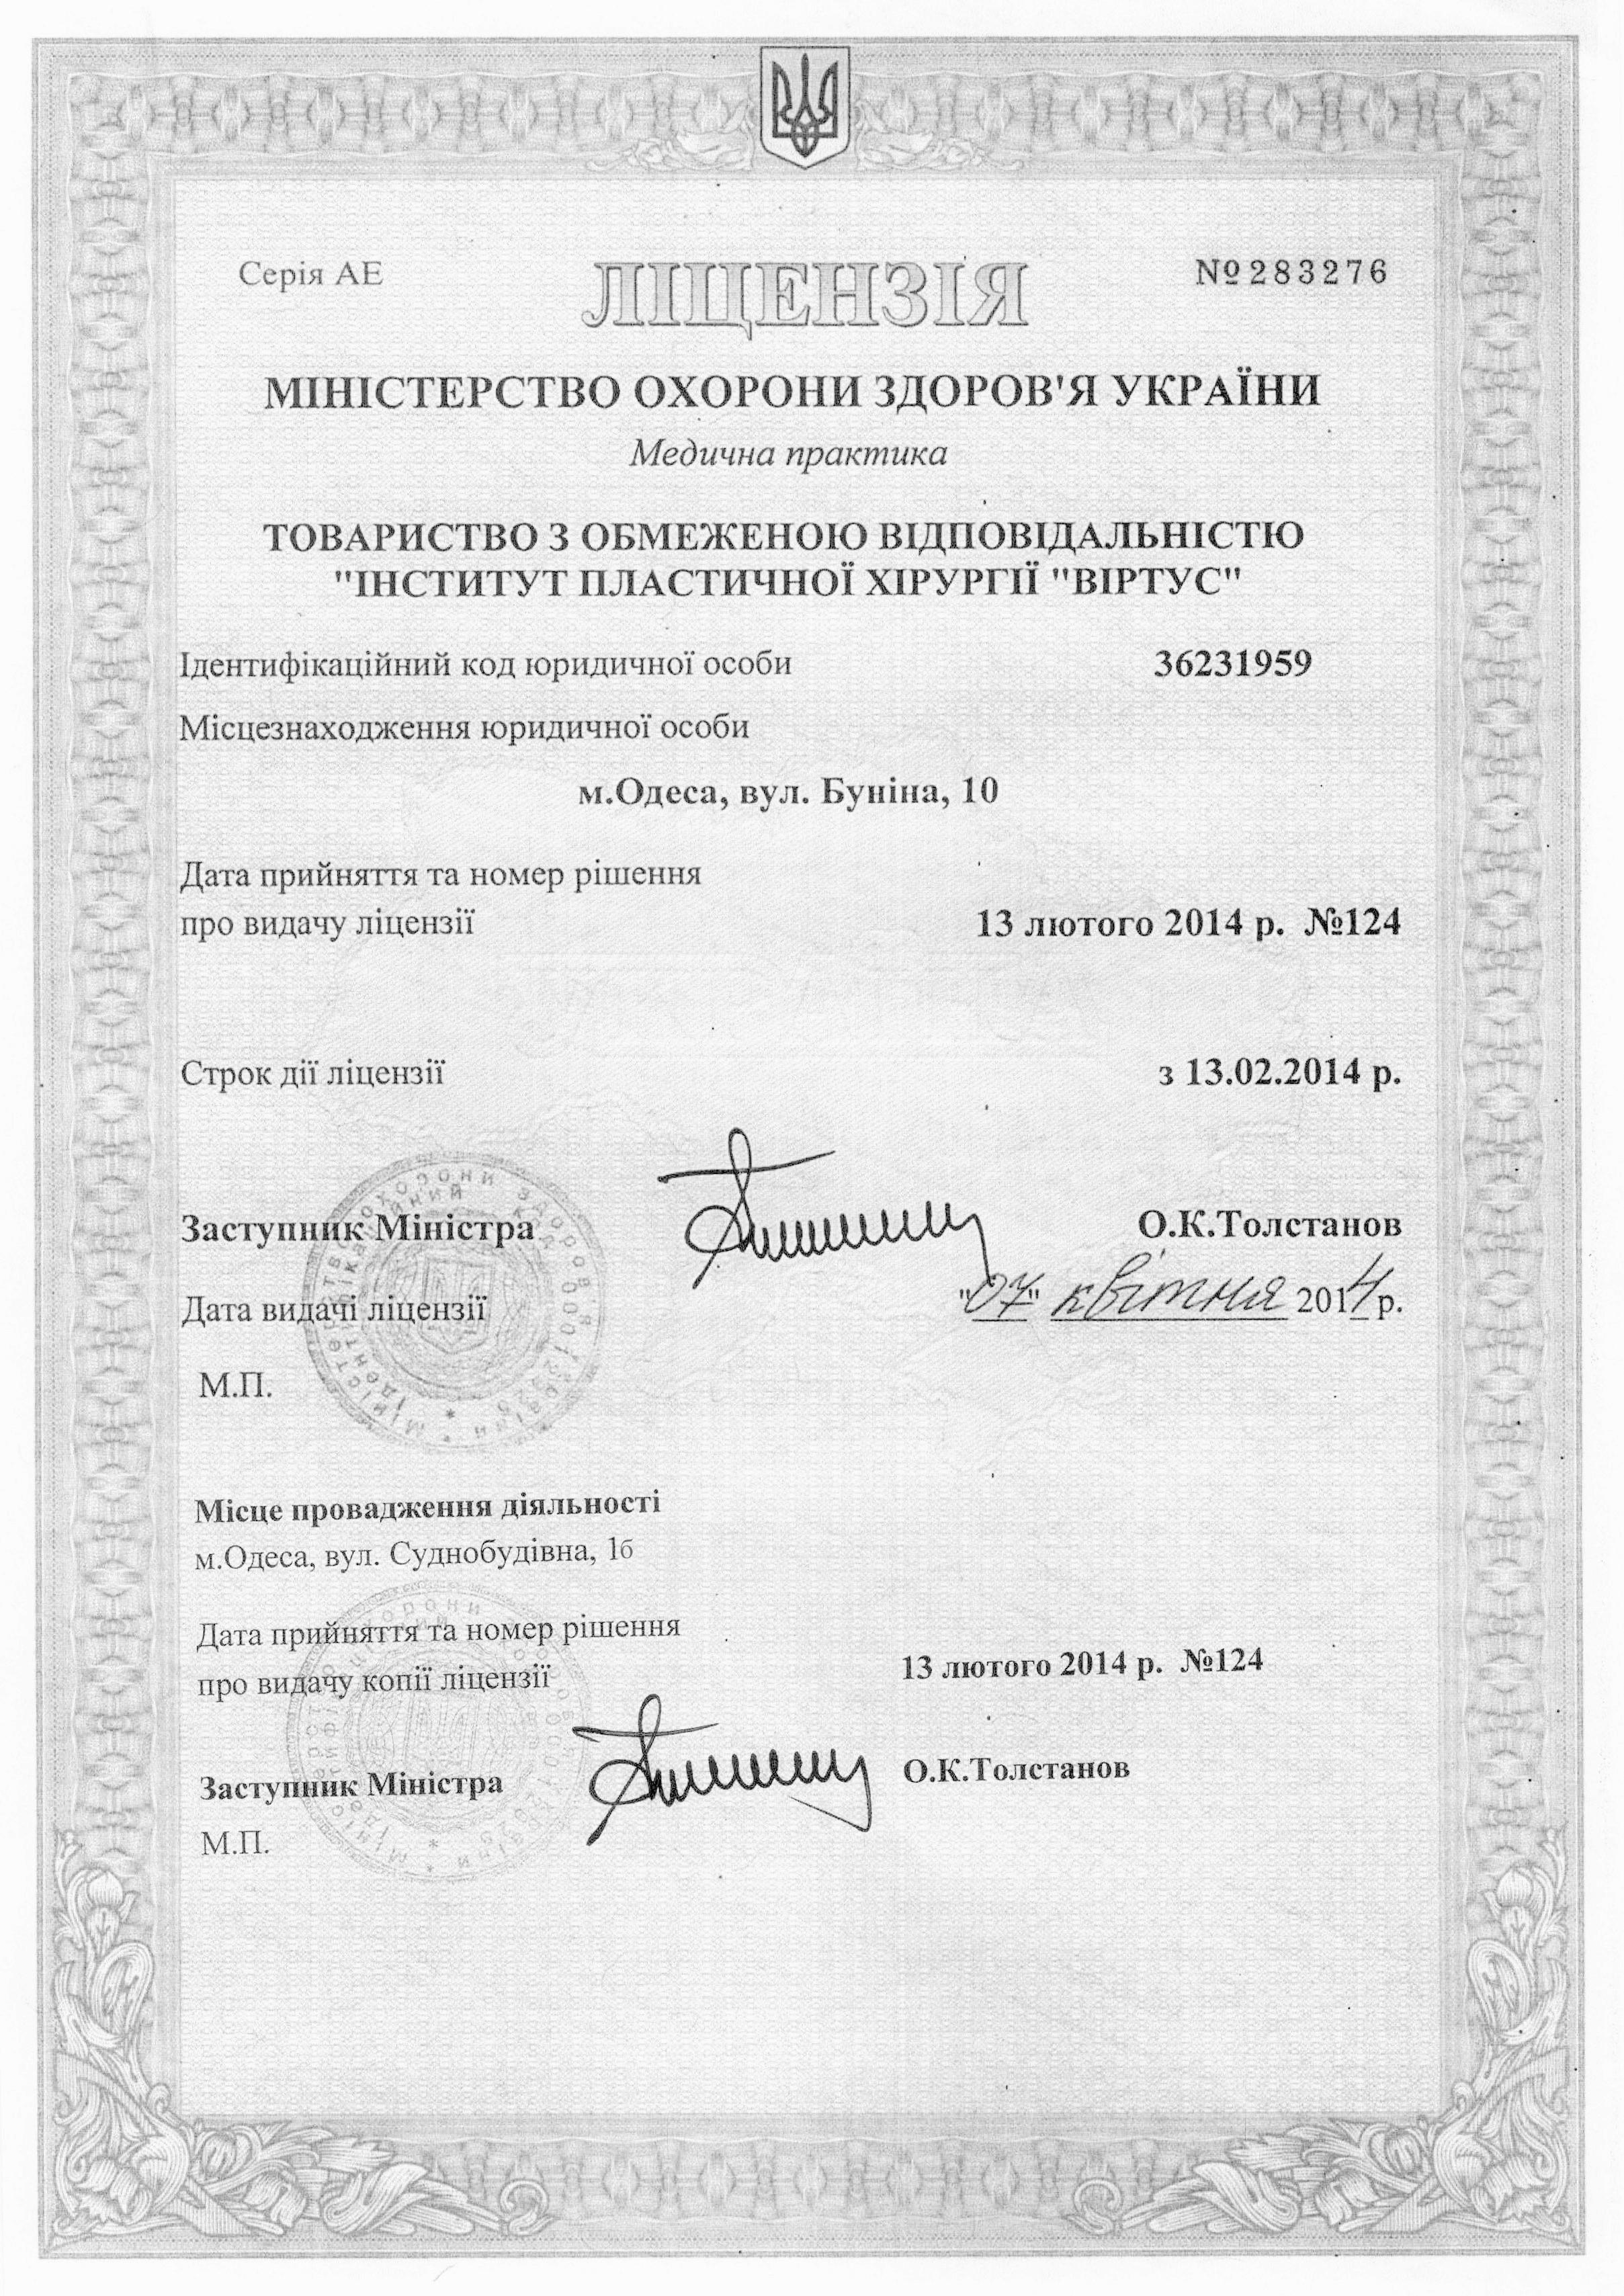 Лицензия МОЗ Украины №283676 от 24.02.2014